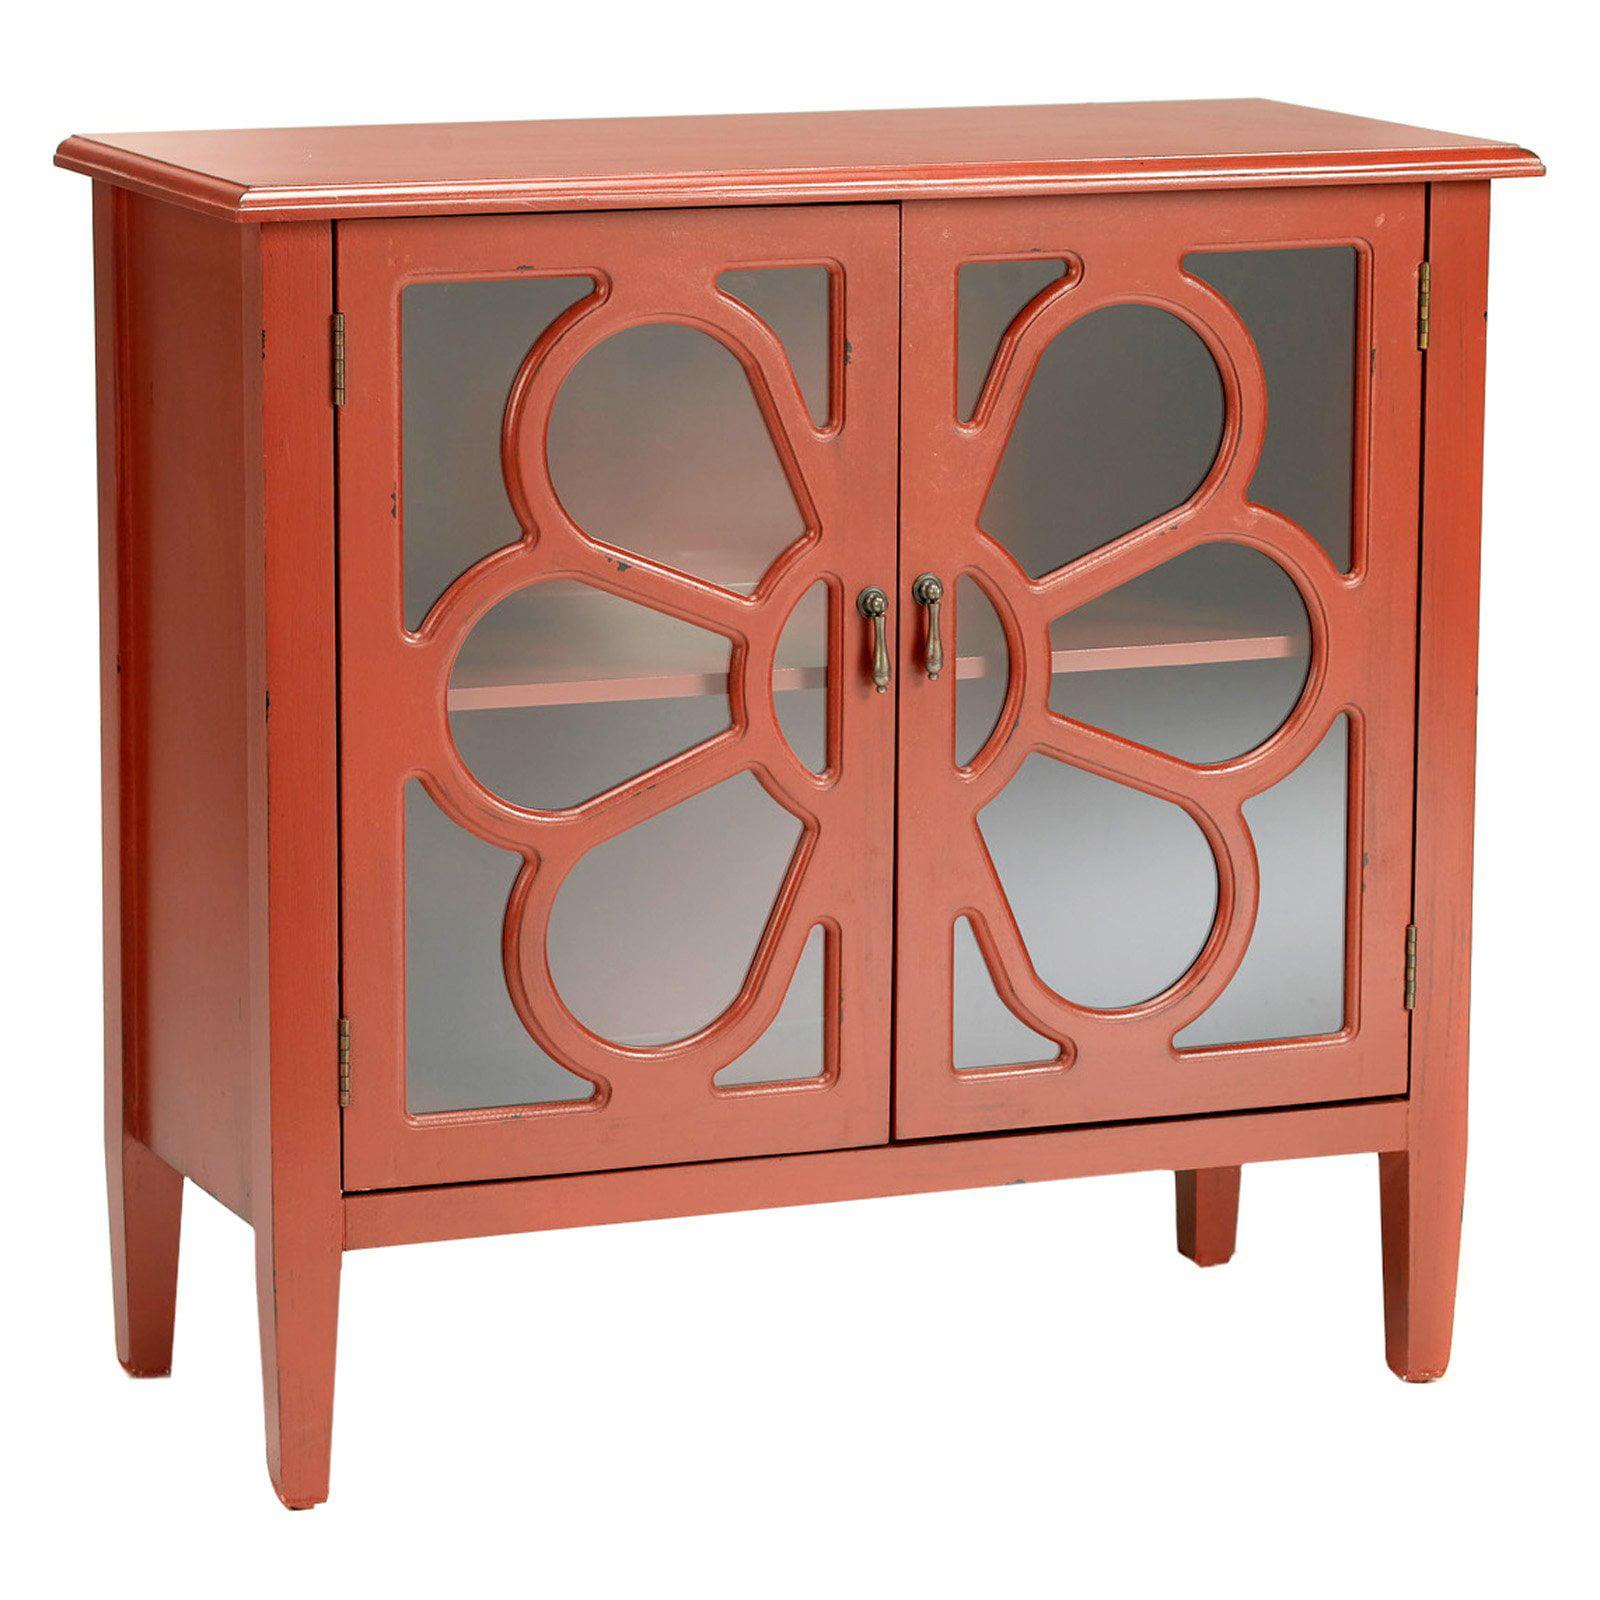 AA Importing 2 Door Cabinet - Antique Red